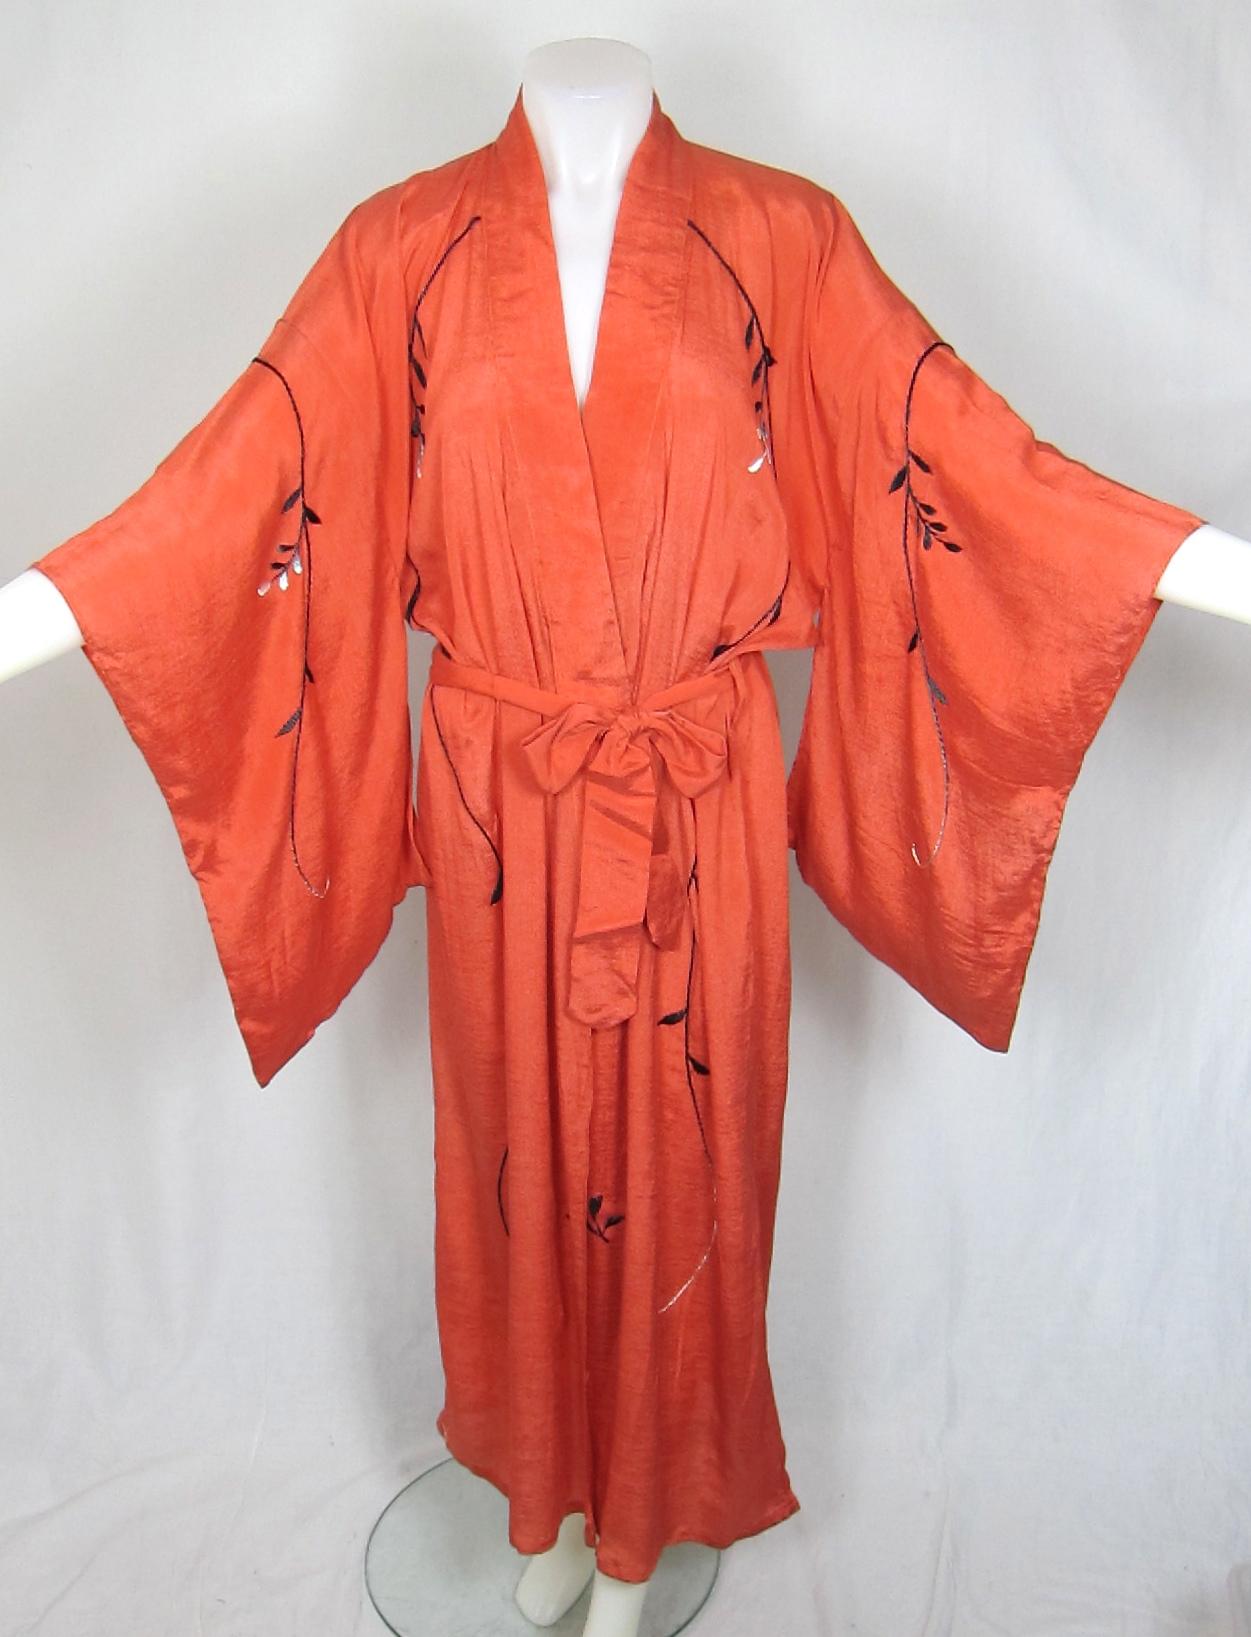 Orange Kimono - Aztec Print